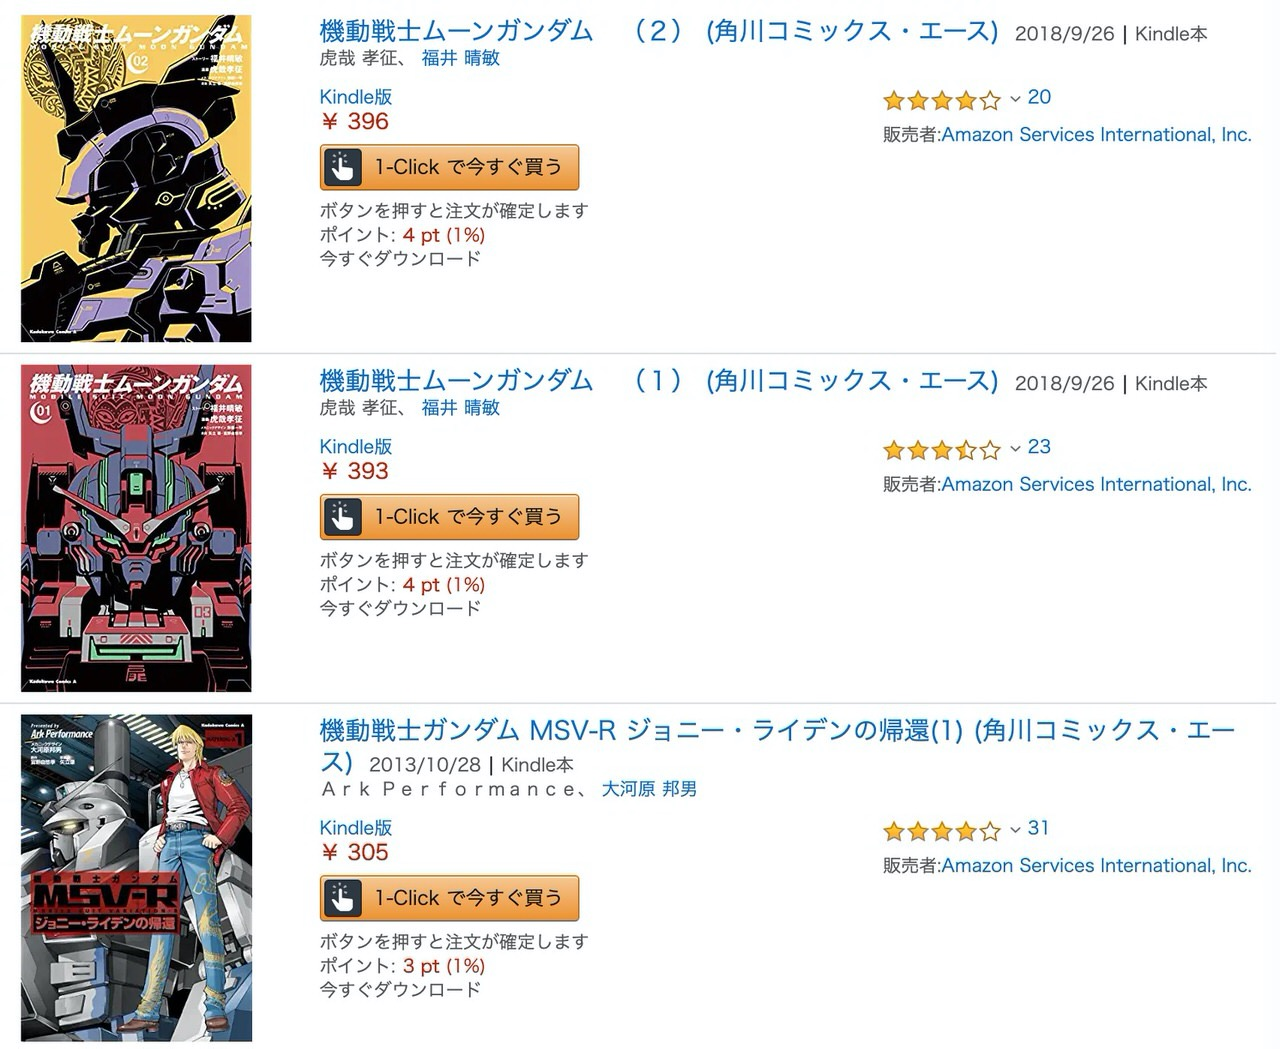 【Kindleセール】「ガンダム宇宙世紀フェア」(5/21まで)